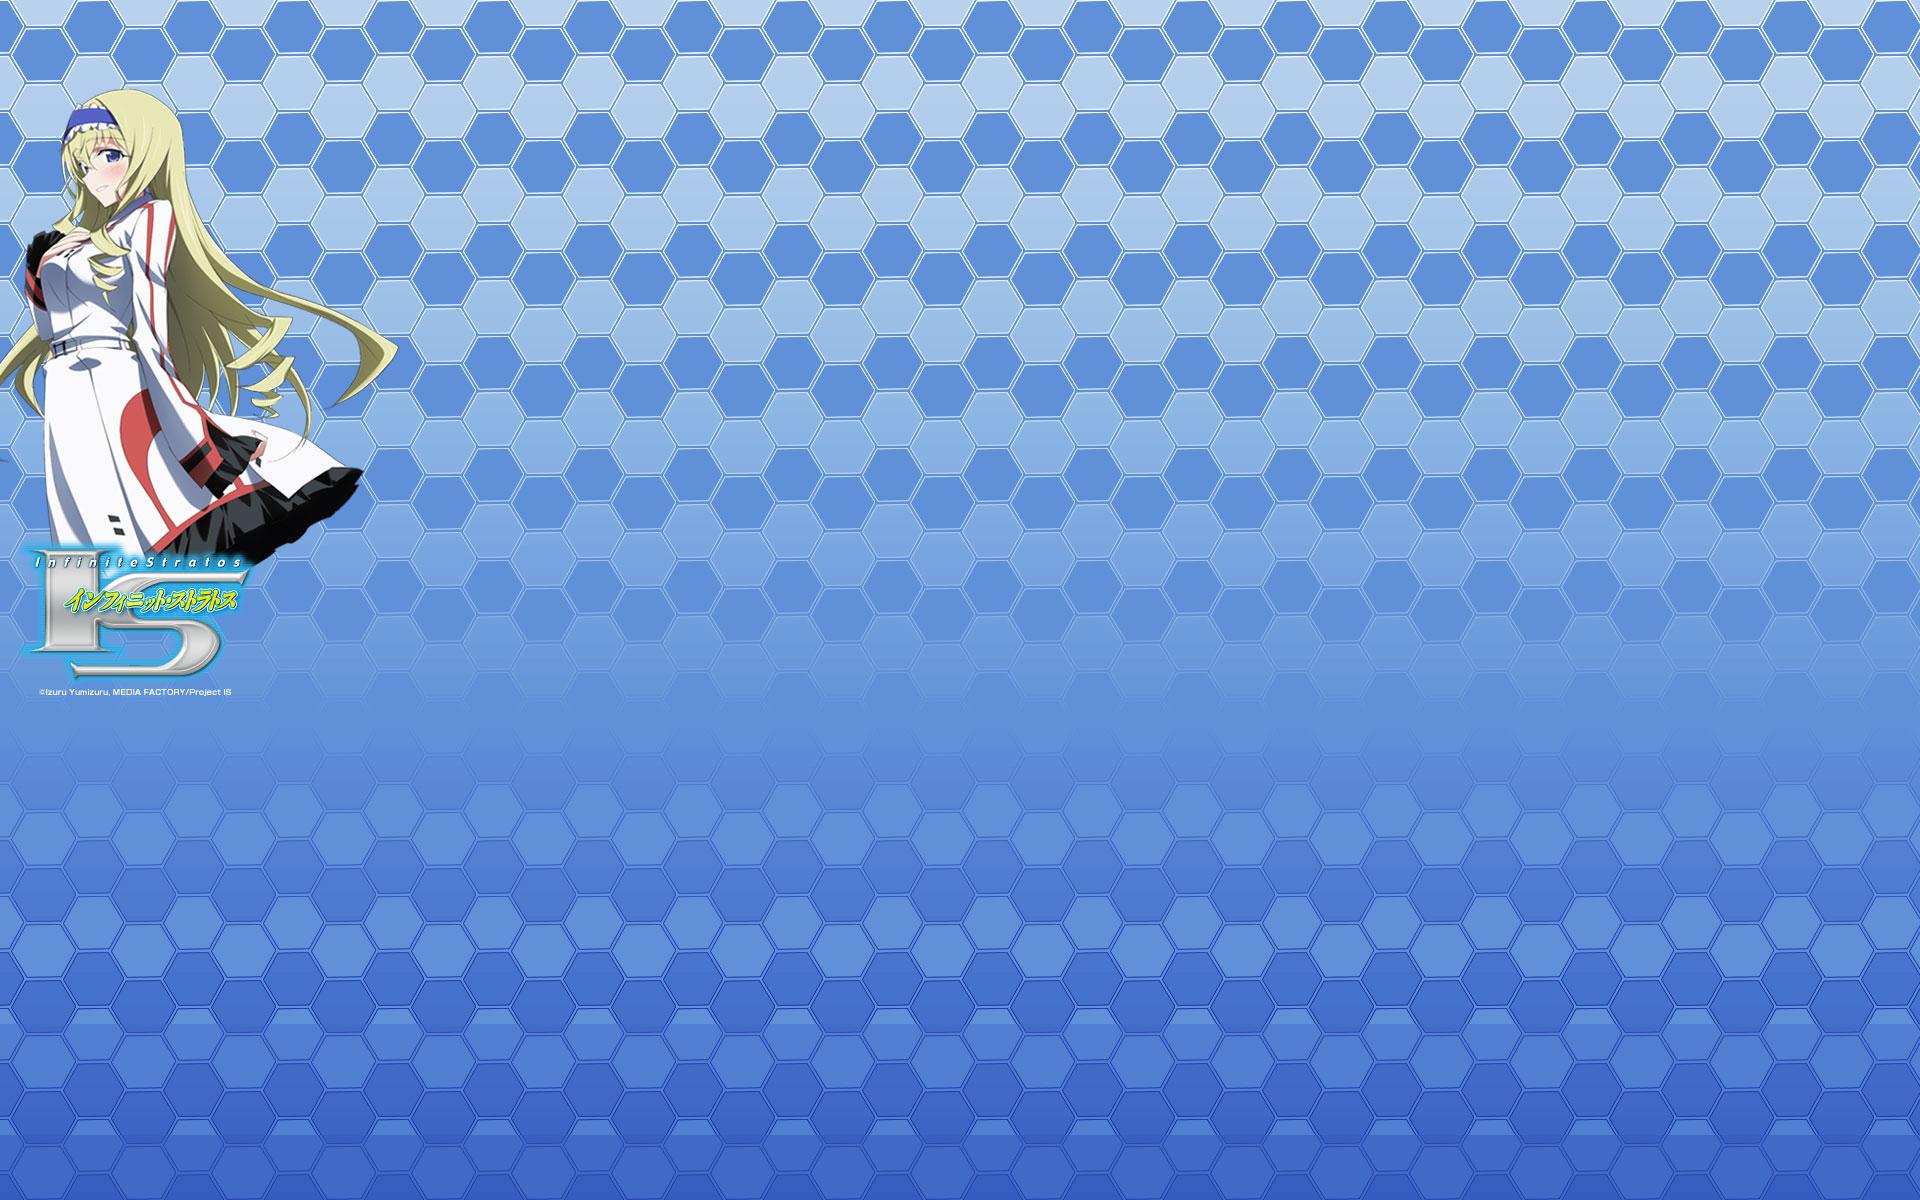 Tbsアニメーション インフィニット ストラトス 公式ホームページ